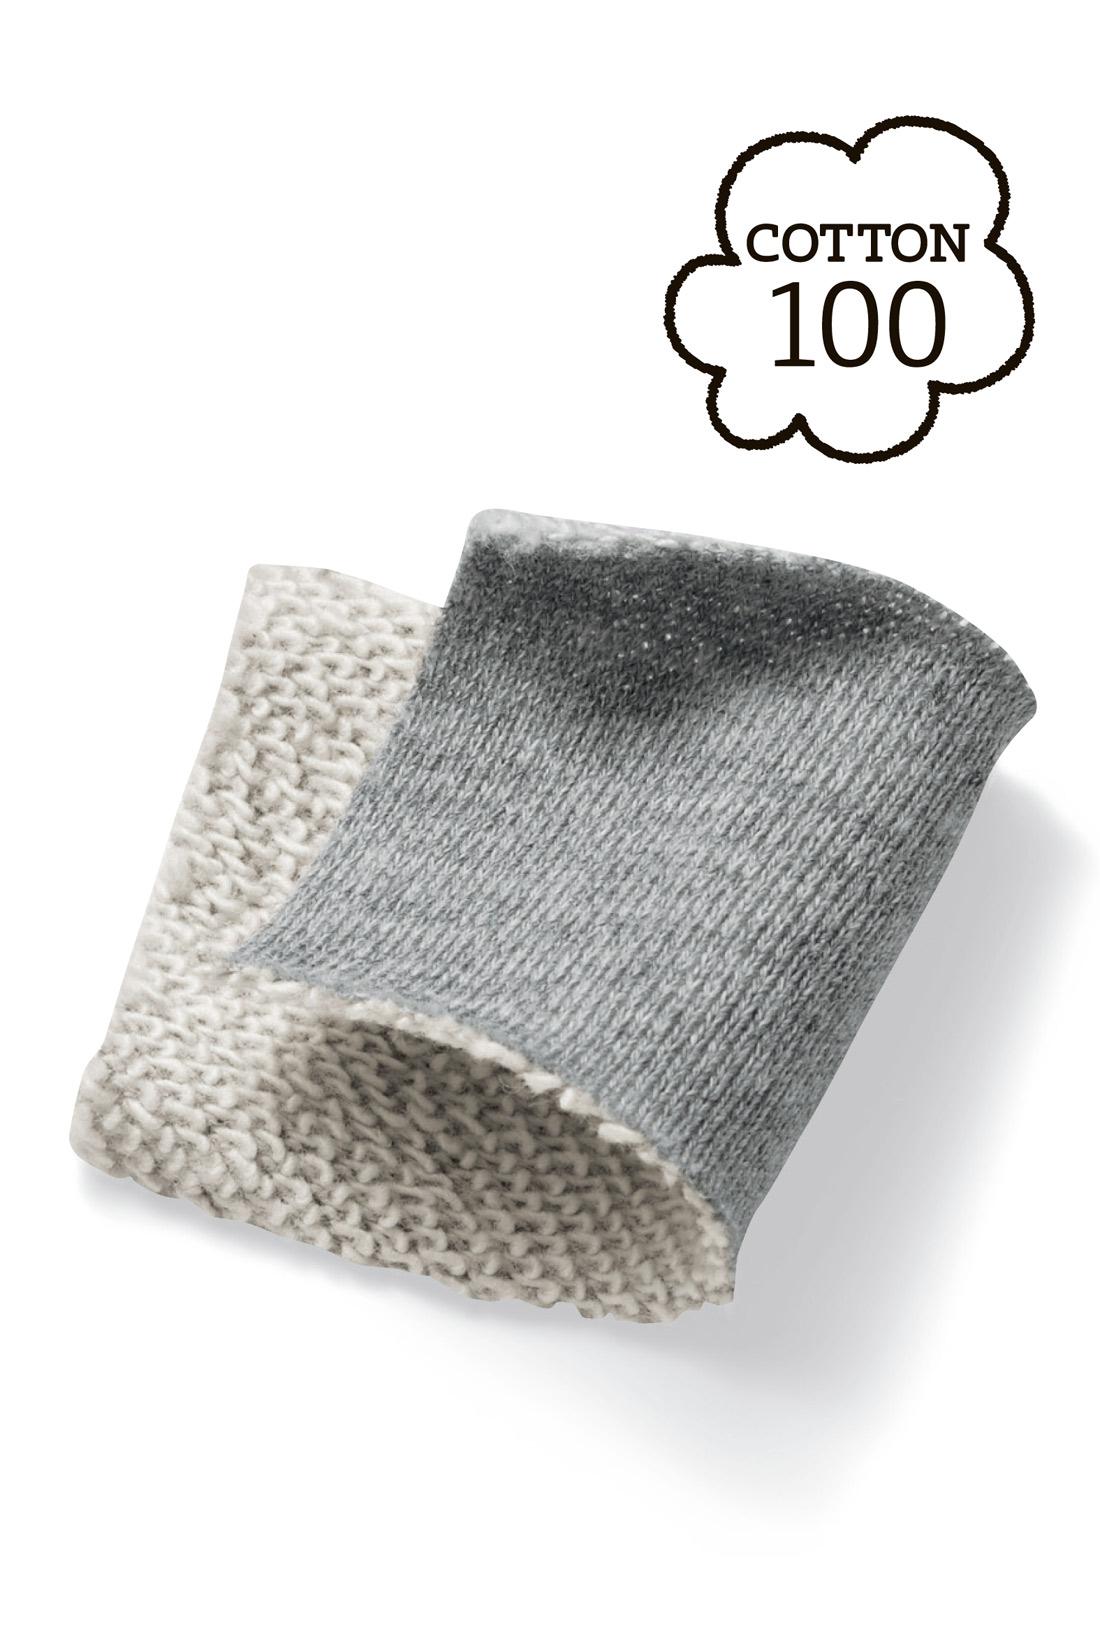 伸びやかで、着ぶくれしないほどよい厚みの綿100%ミニ裏毛素材。※お届けするカラーとは異なります。